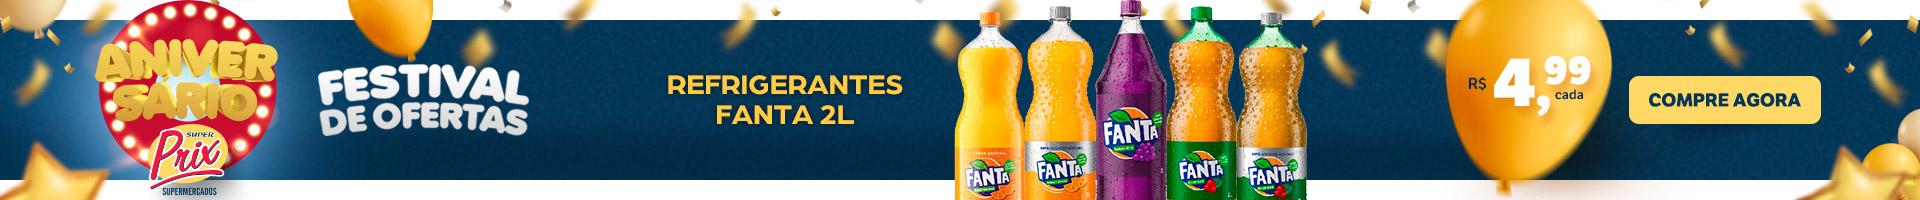 Coca (fanta) - 24/6 a 30/6